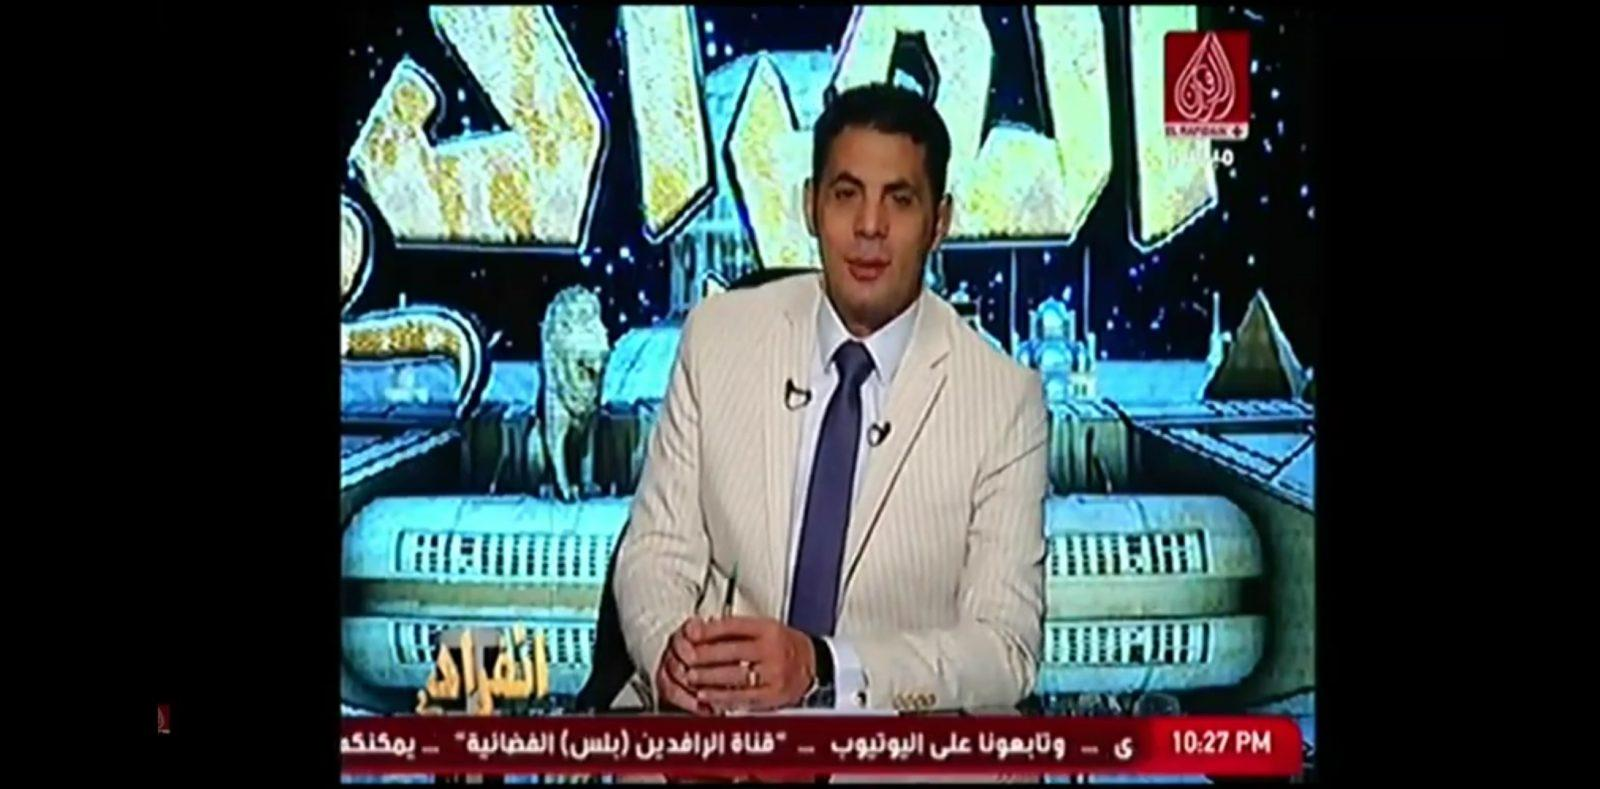 تردد قناة الرافدين الرياضية 2020 على نايل سات وعرب سات